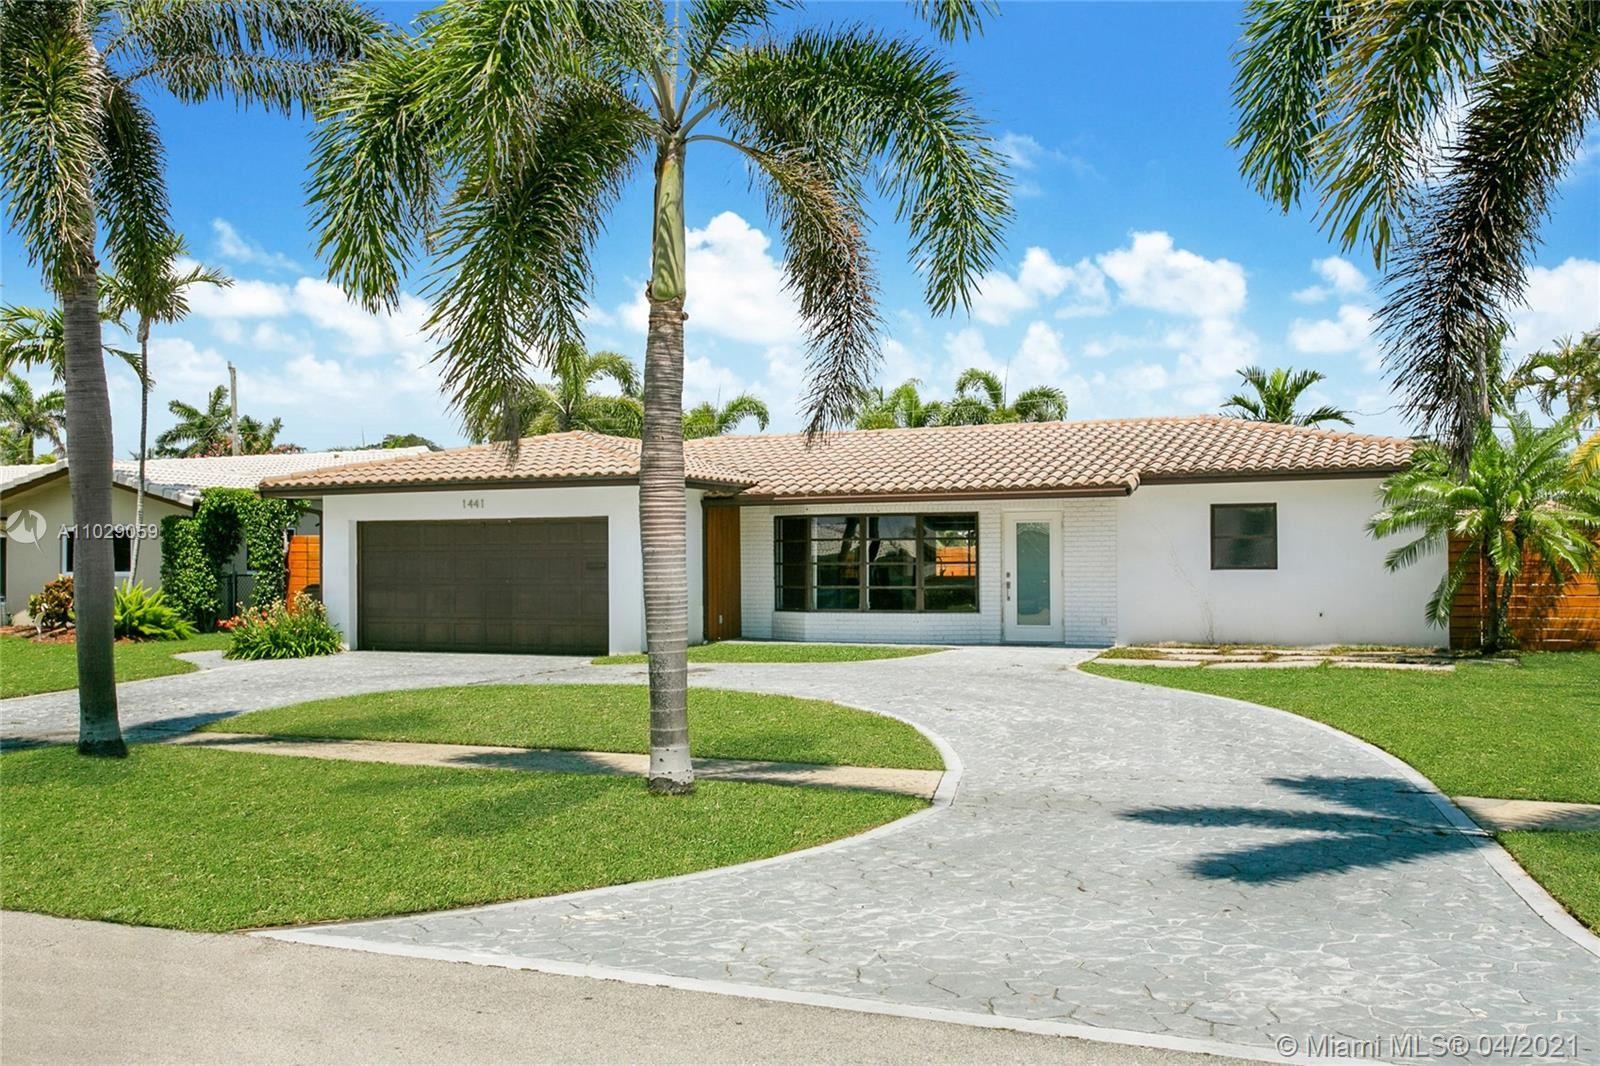 1441 SE 14th Dr, Deerfield Beach, FL 33441 - #: A11029059